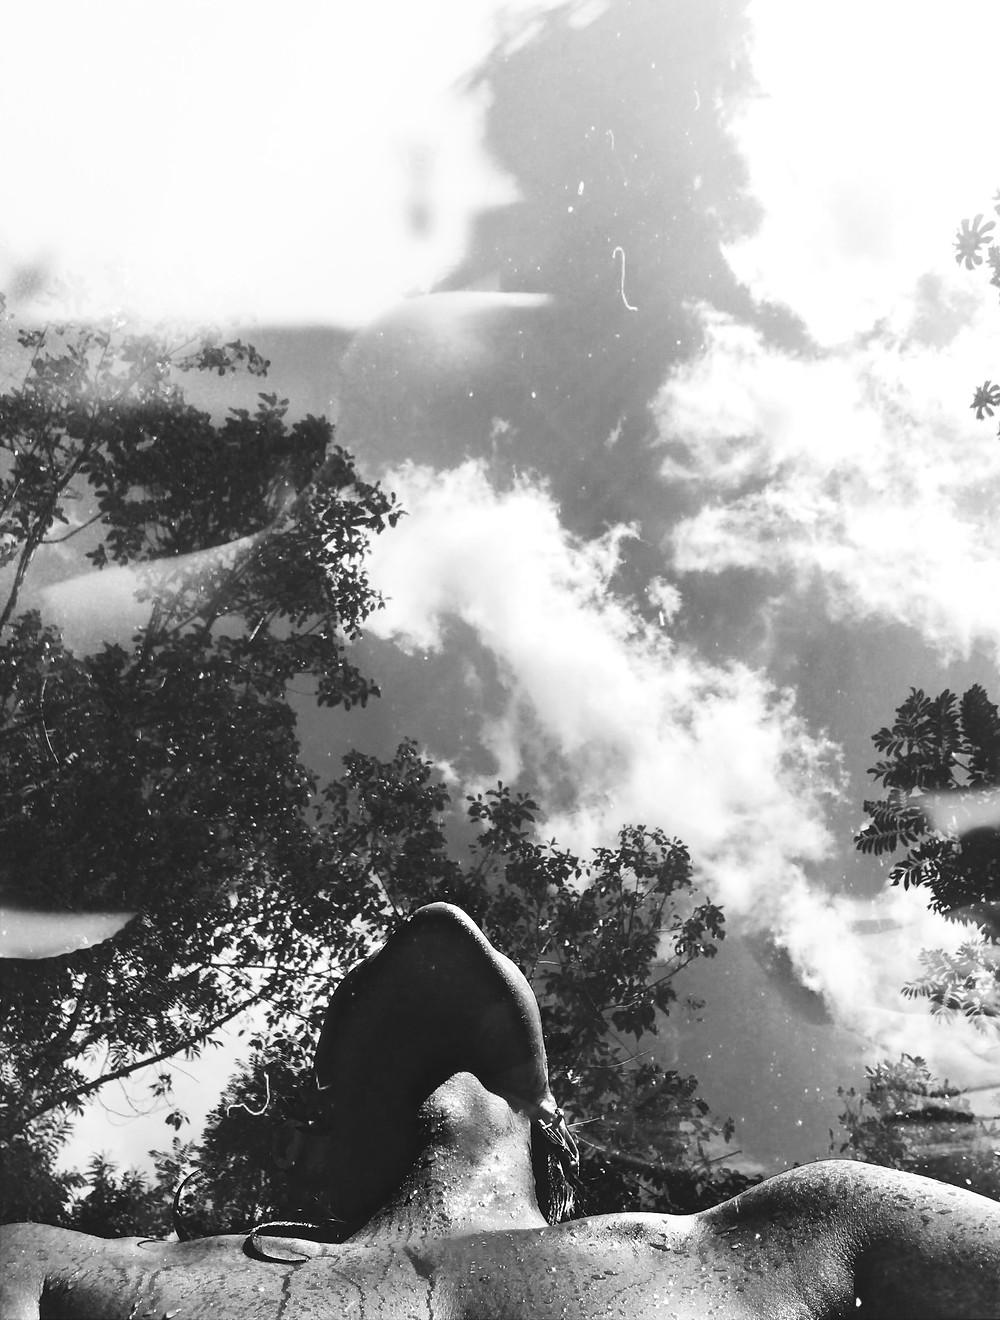 Imagem a contra-plano em preto e branco, onde aparece os ombros, o pescoço e o queixo de uma mulher olhando para cima, atrás dela uma floresta e o céu com nuvens